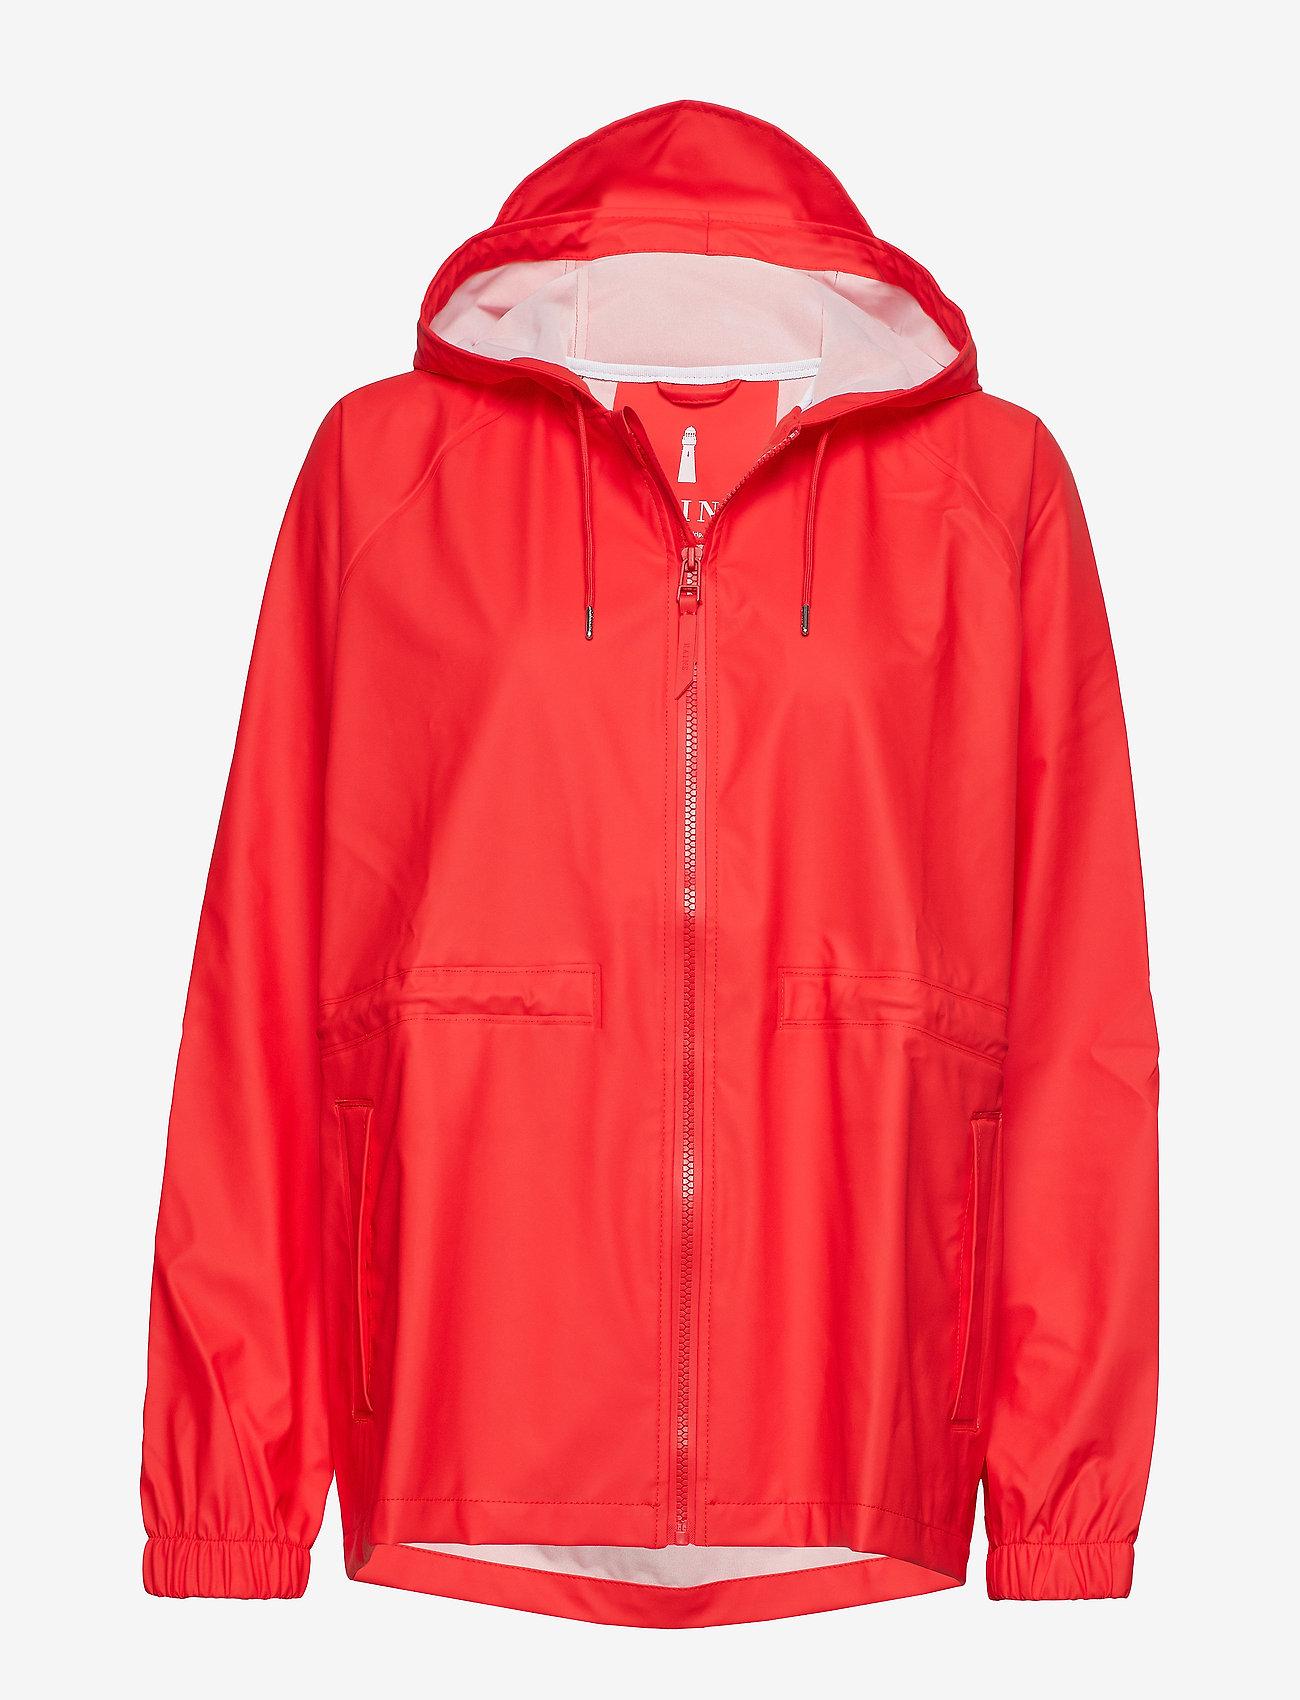 Rains - W Jacket - regenbekleidung - red - 0